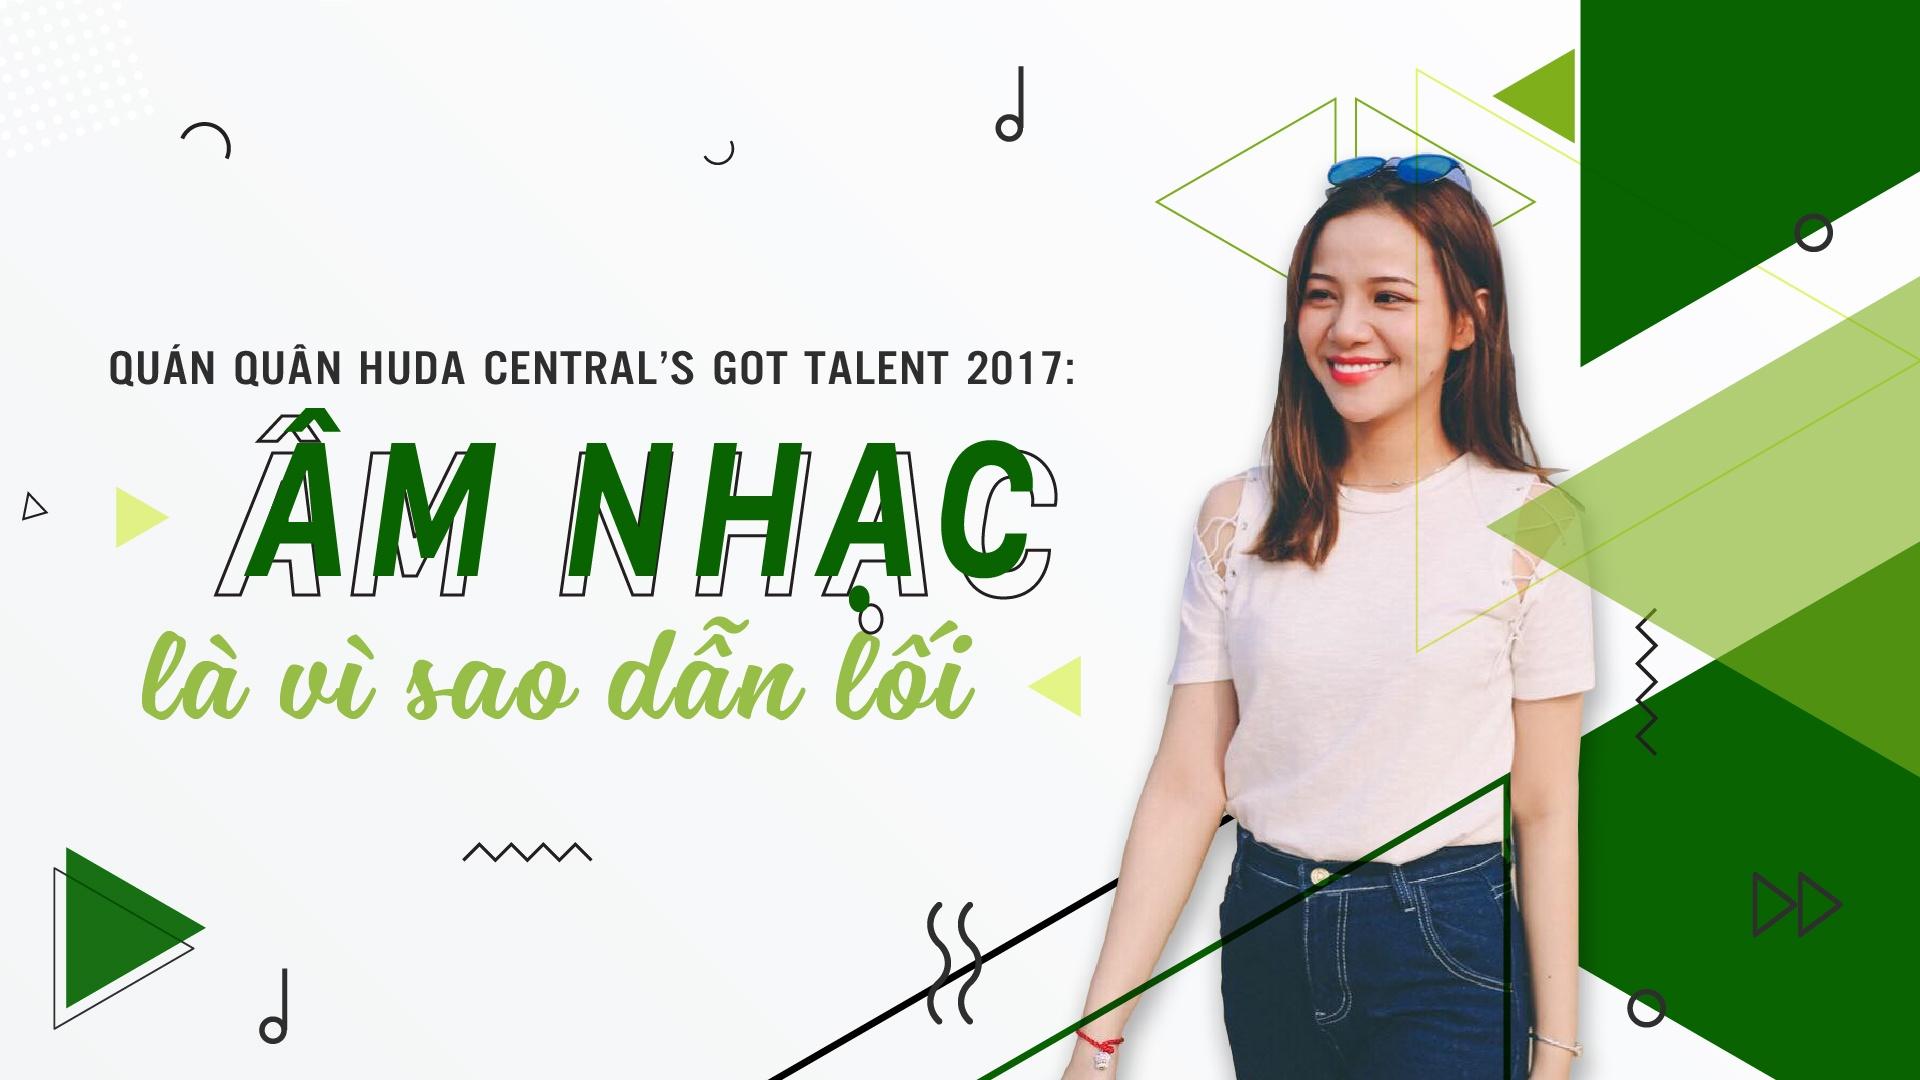 Quan quan Huda Central's Got Talent 2017: 'Am nhac la vi sao dan loi' hinh anh 2